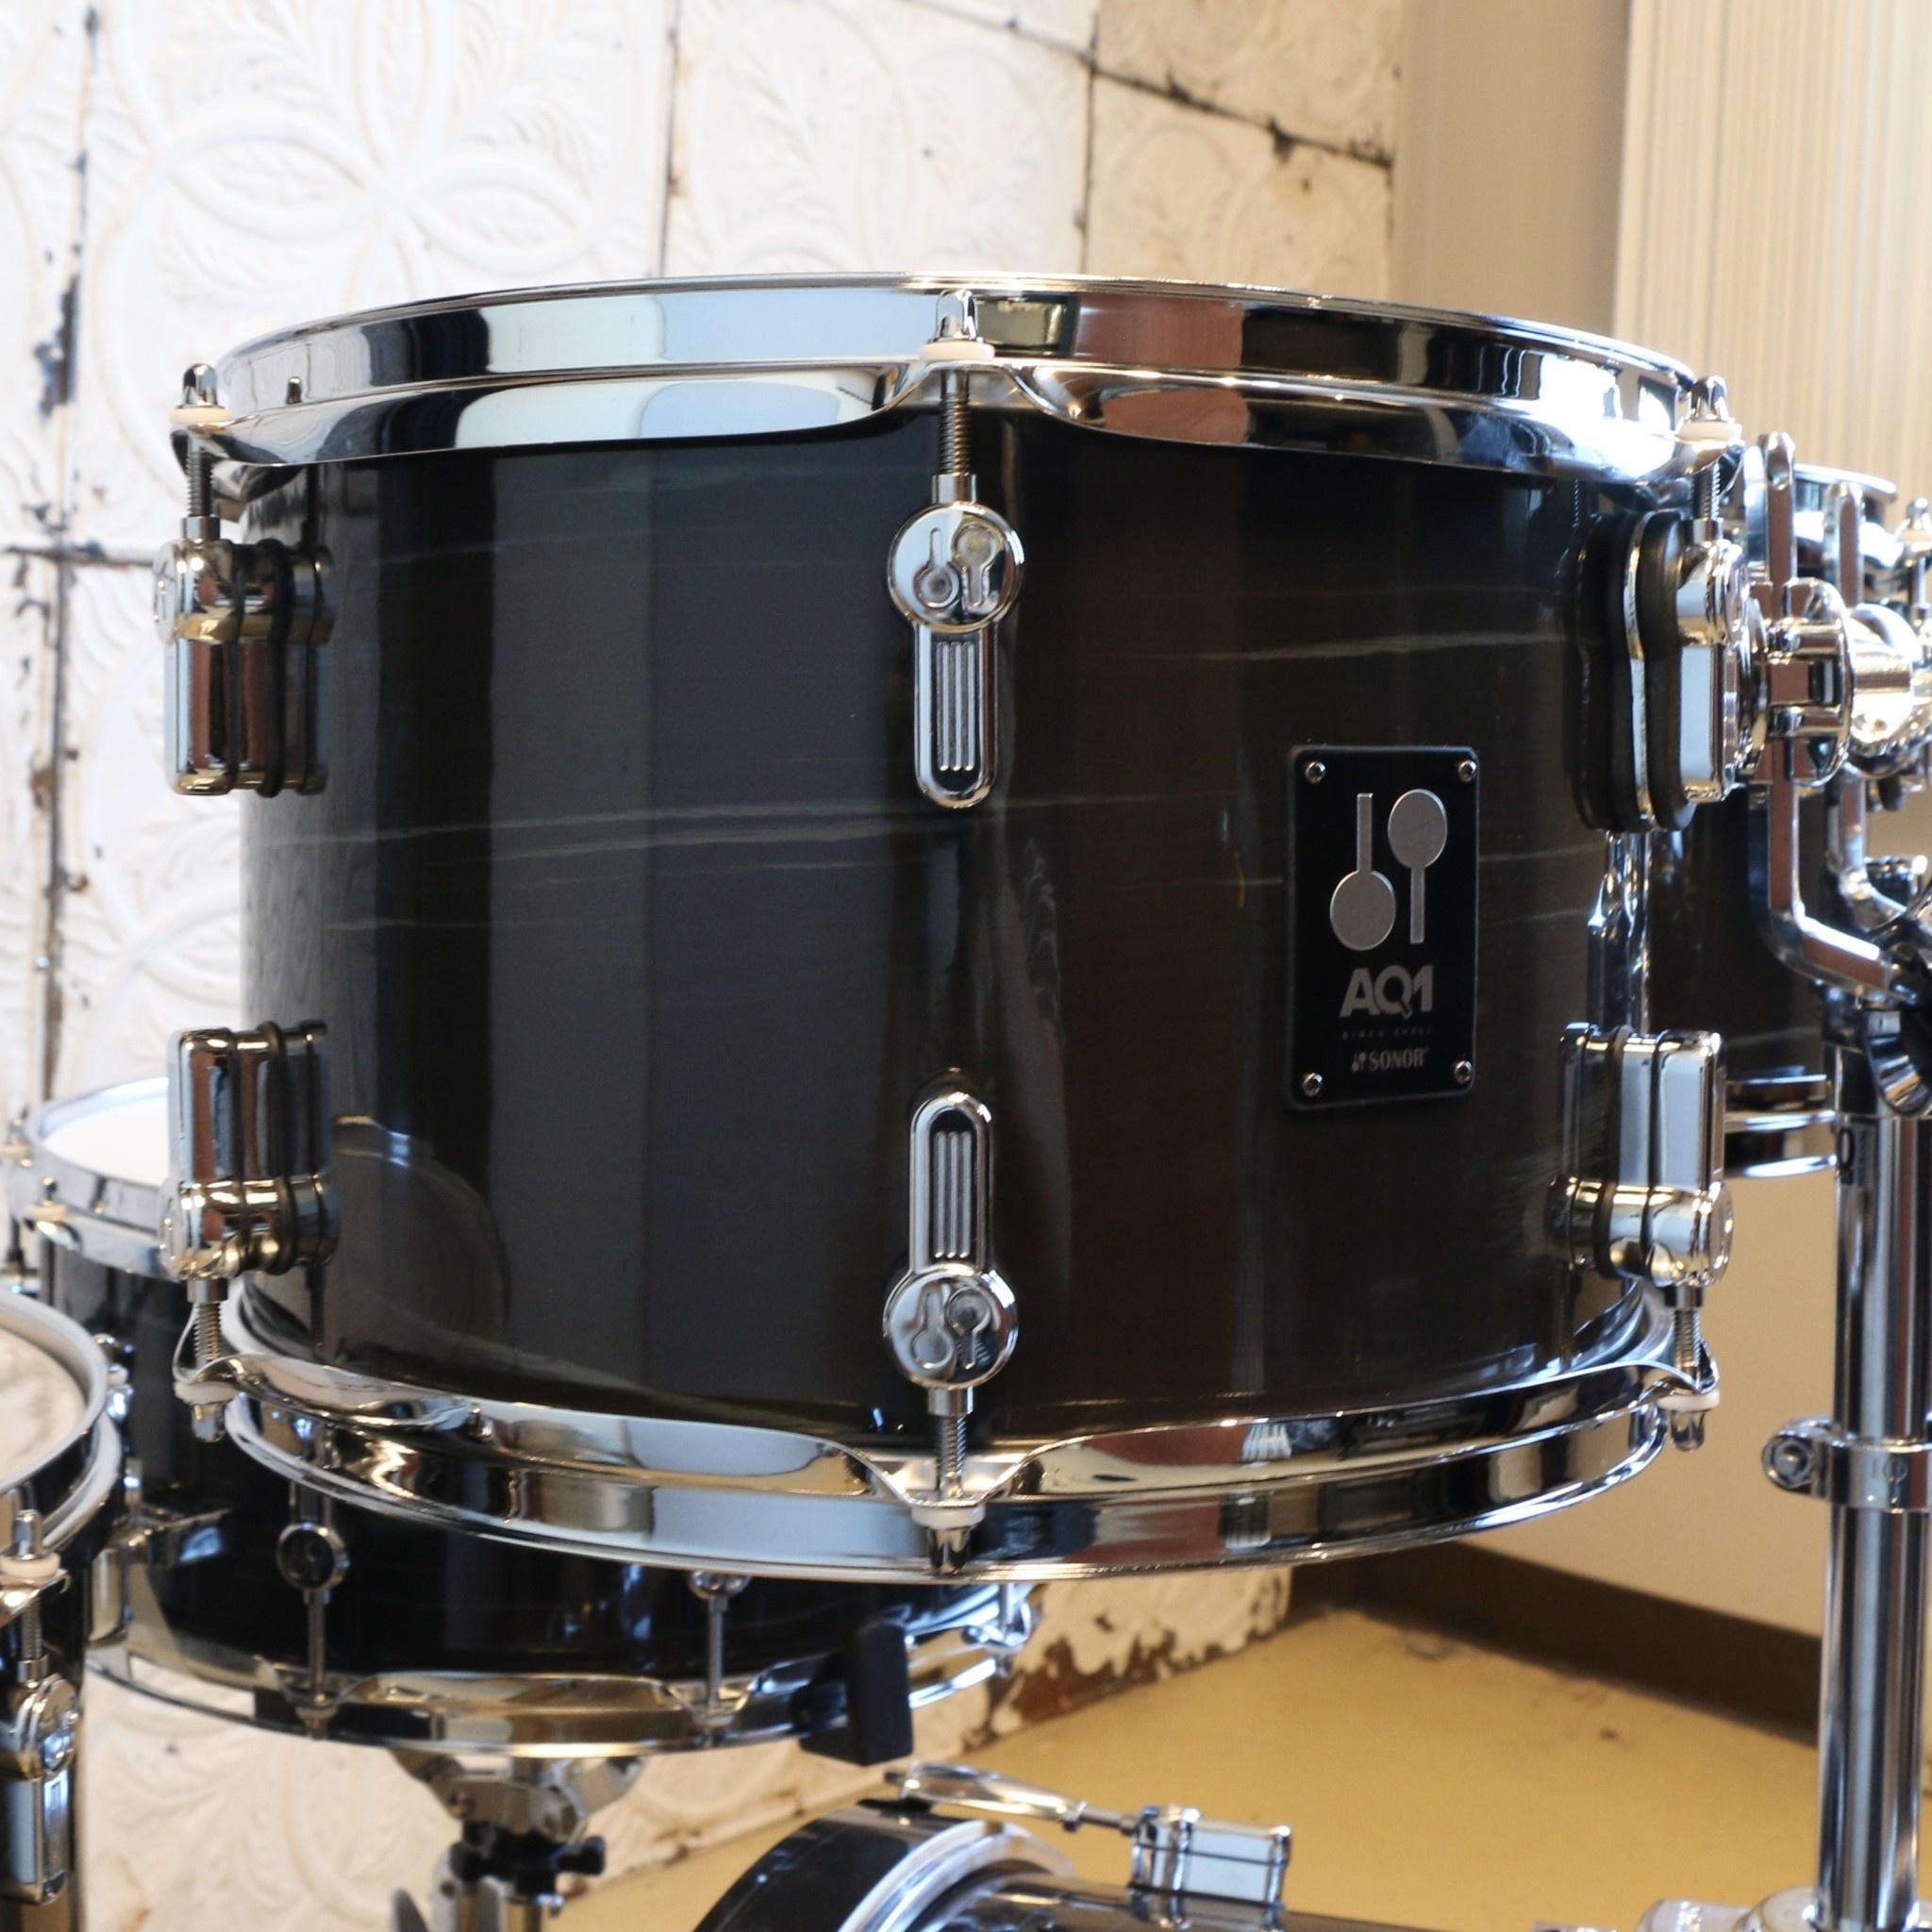 Sonor Sonor AQ1 Drum Kit 22-10-12-16 + caisse claire 14po - Wood Grain Black (avec quincaillerie HS2000S)